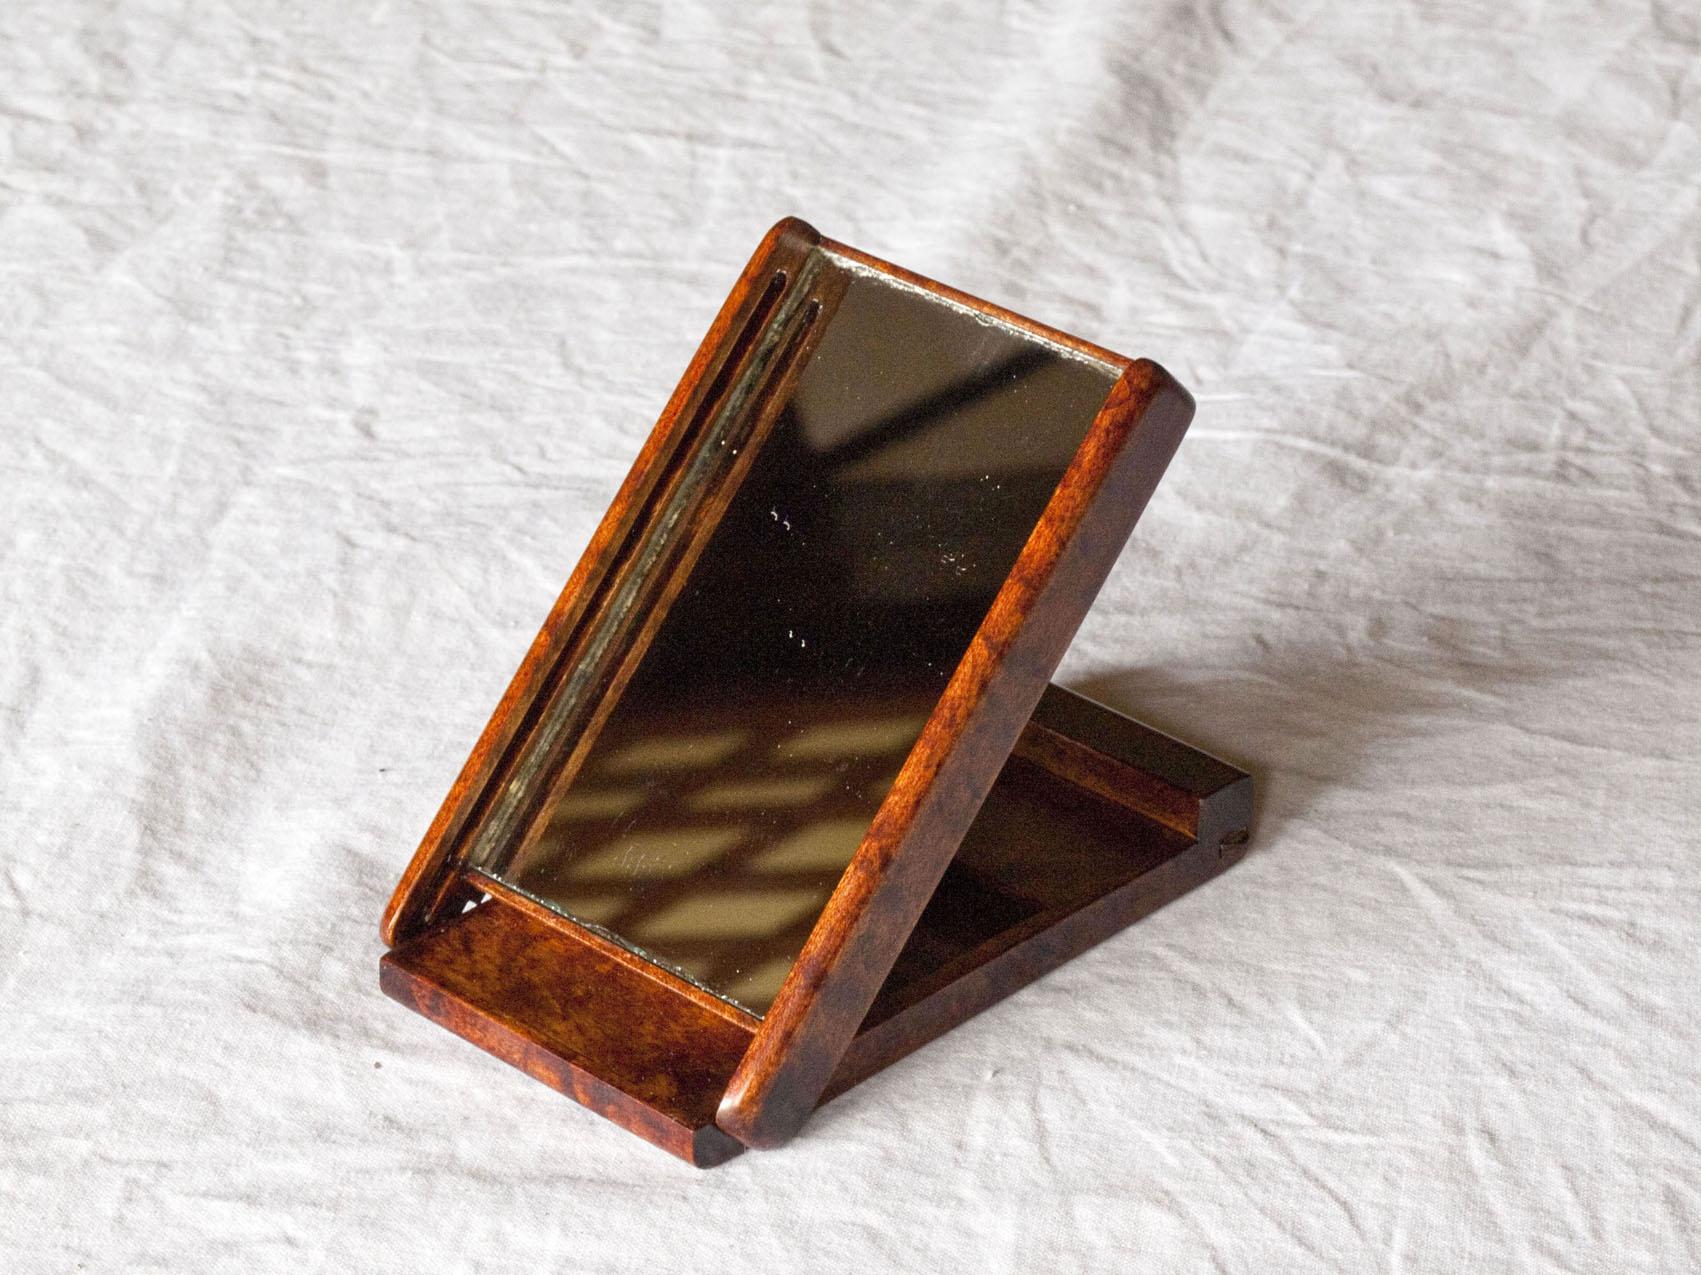 拭き漆楓手鏡の全体画像(卓上使用時)